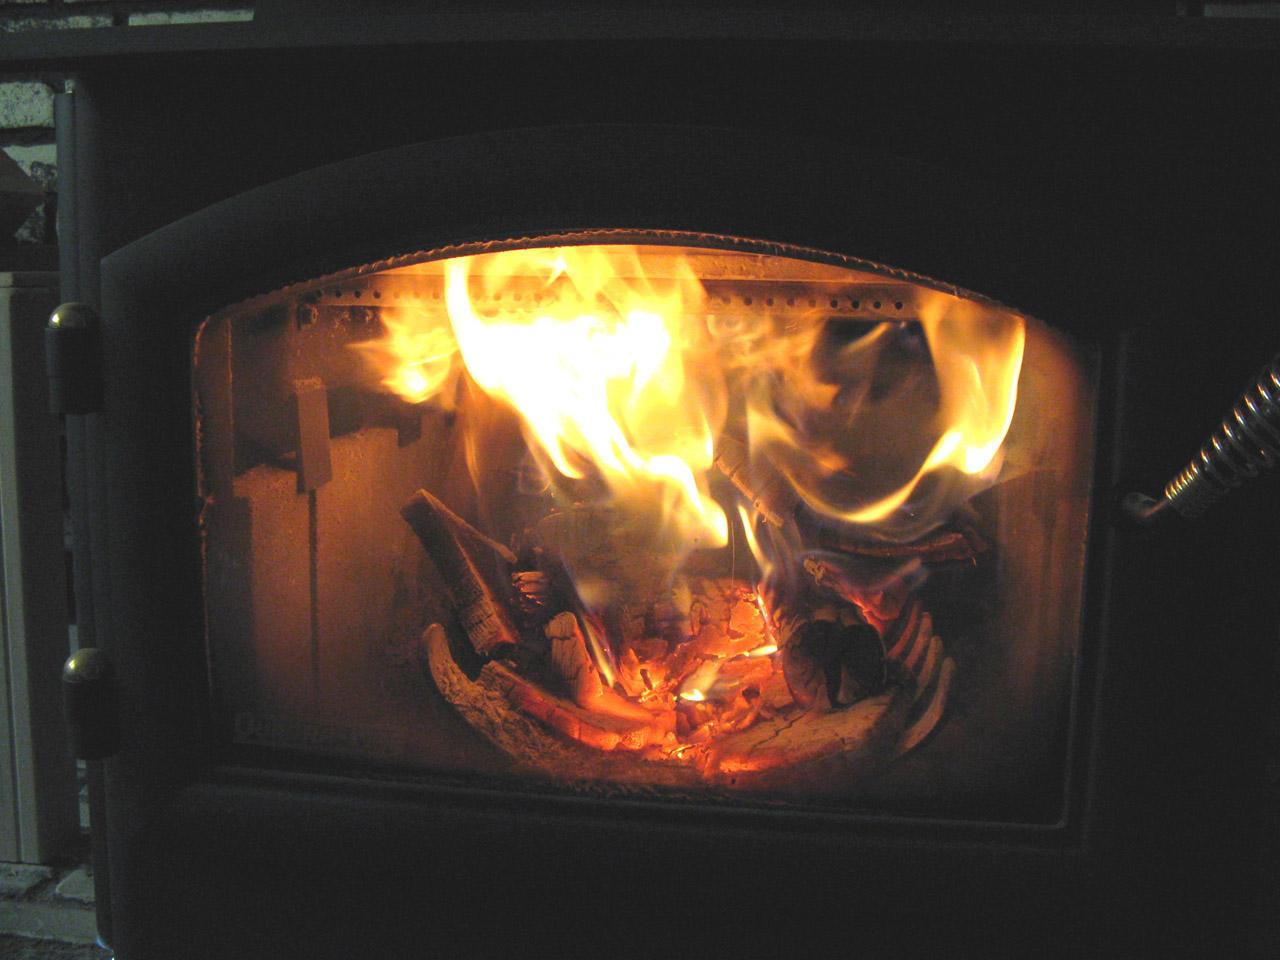 Where there's smoke: Michigan may battle EPA over wood stove rules - Where There's Smoke: Michigan May Battle EPA Over Wood Stove Rules